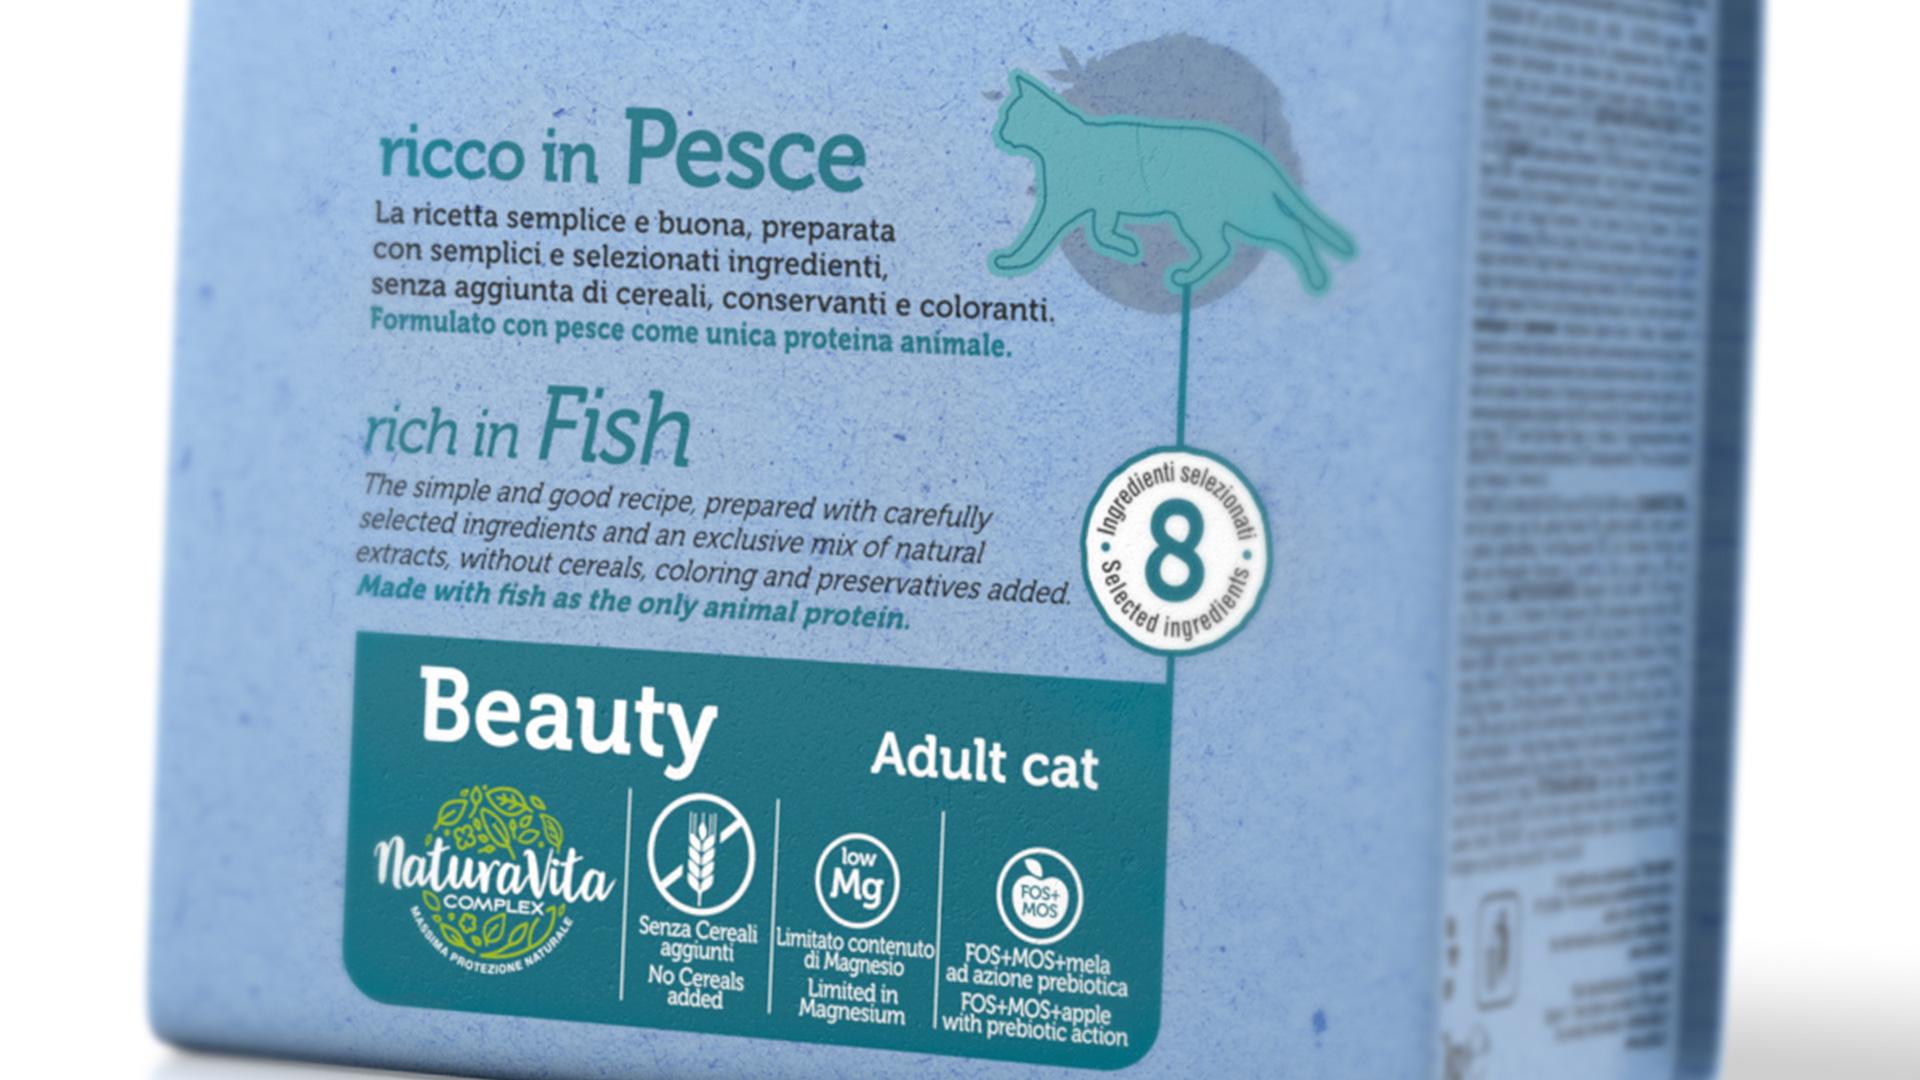 Pet360-Rba-Design-004